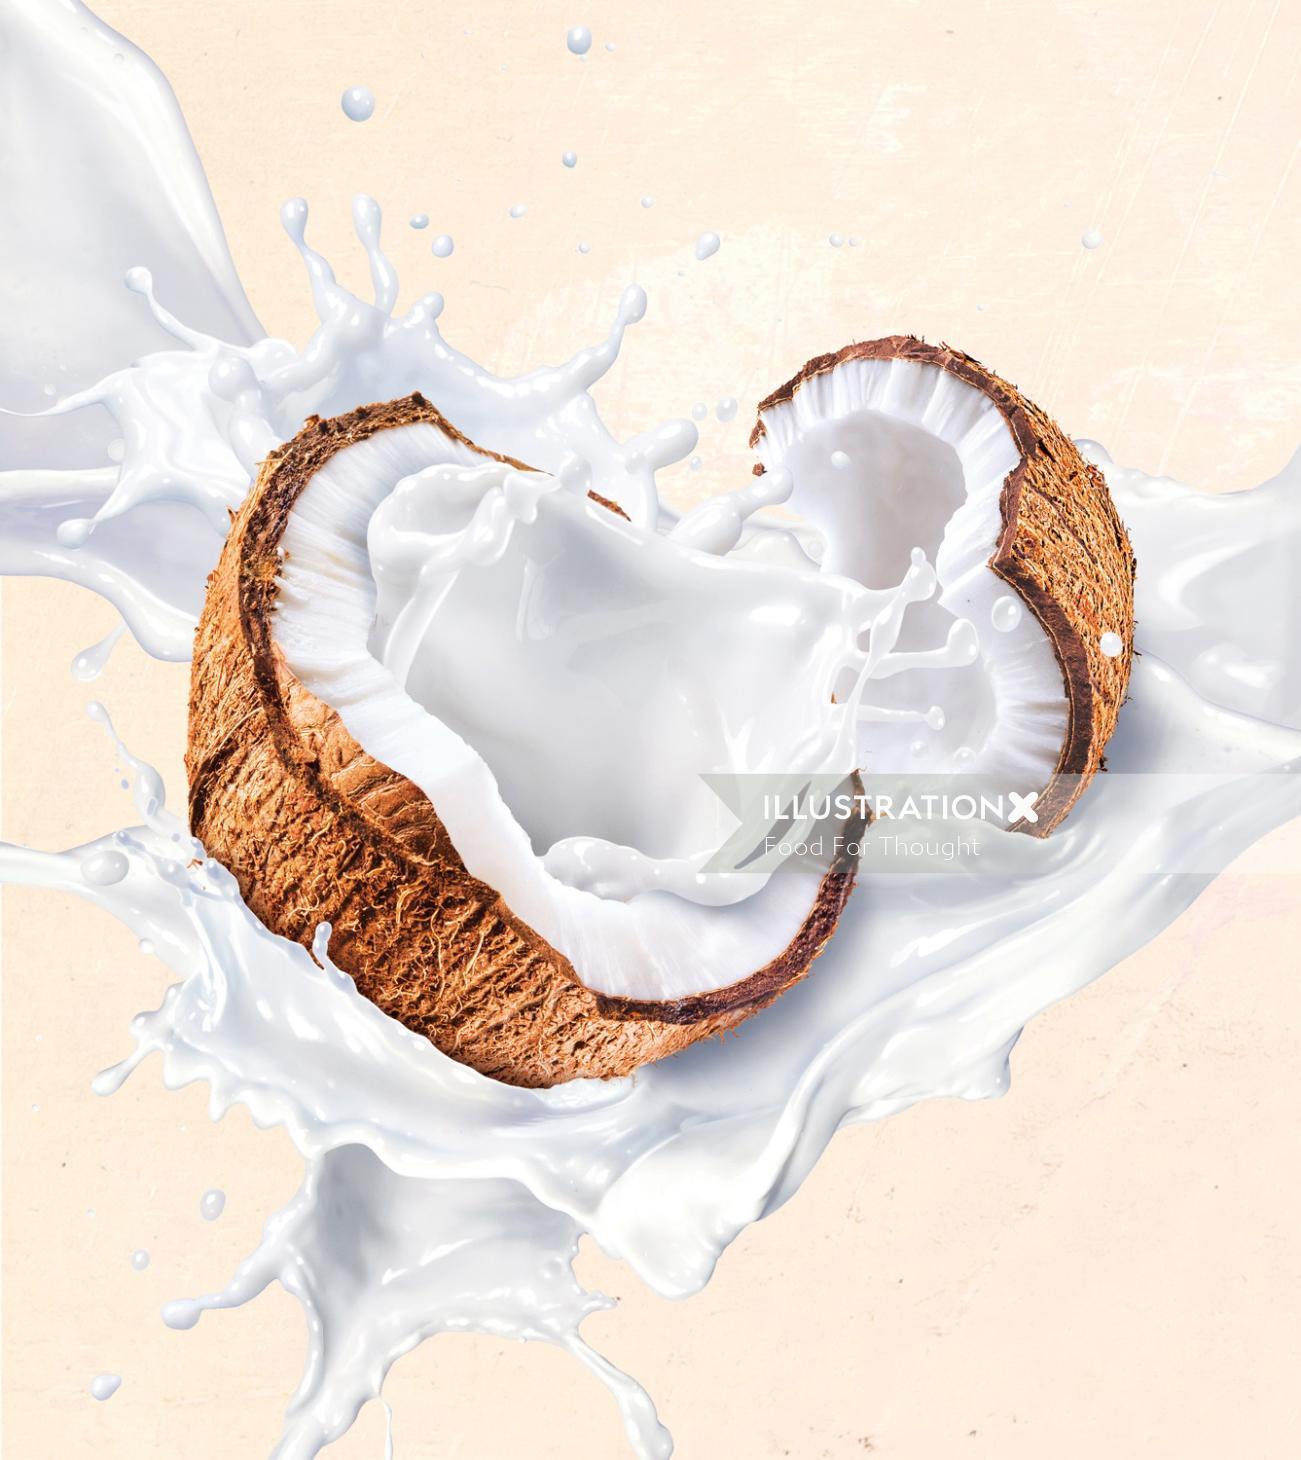 Packaging illustration  for Australia's Own coconut milk